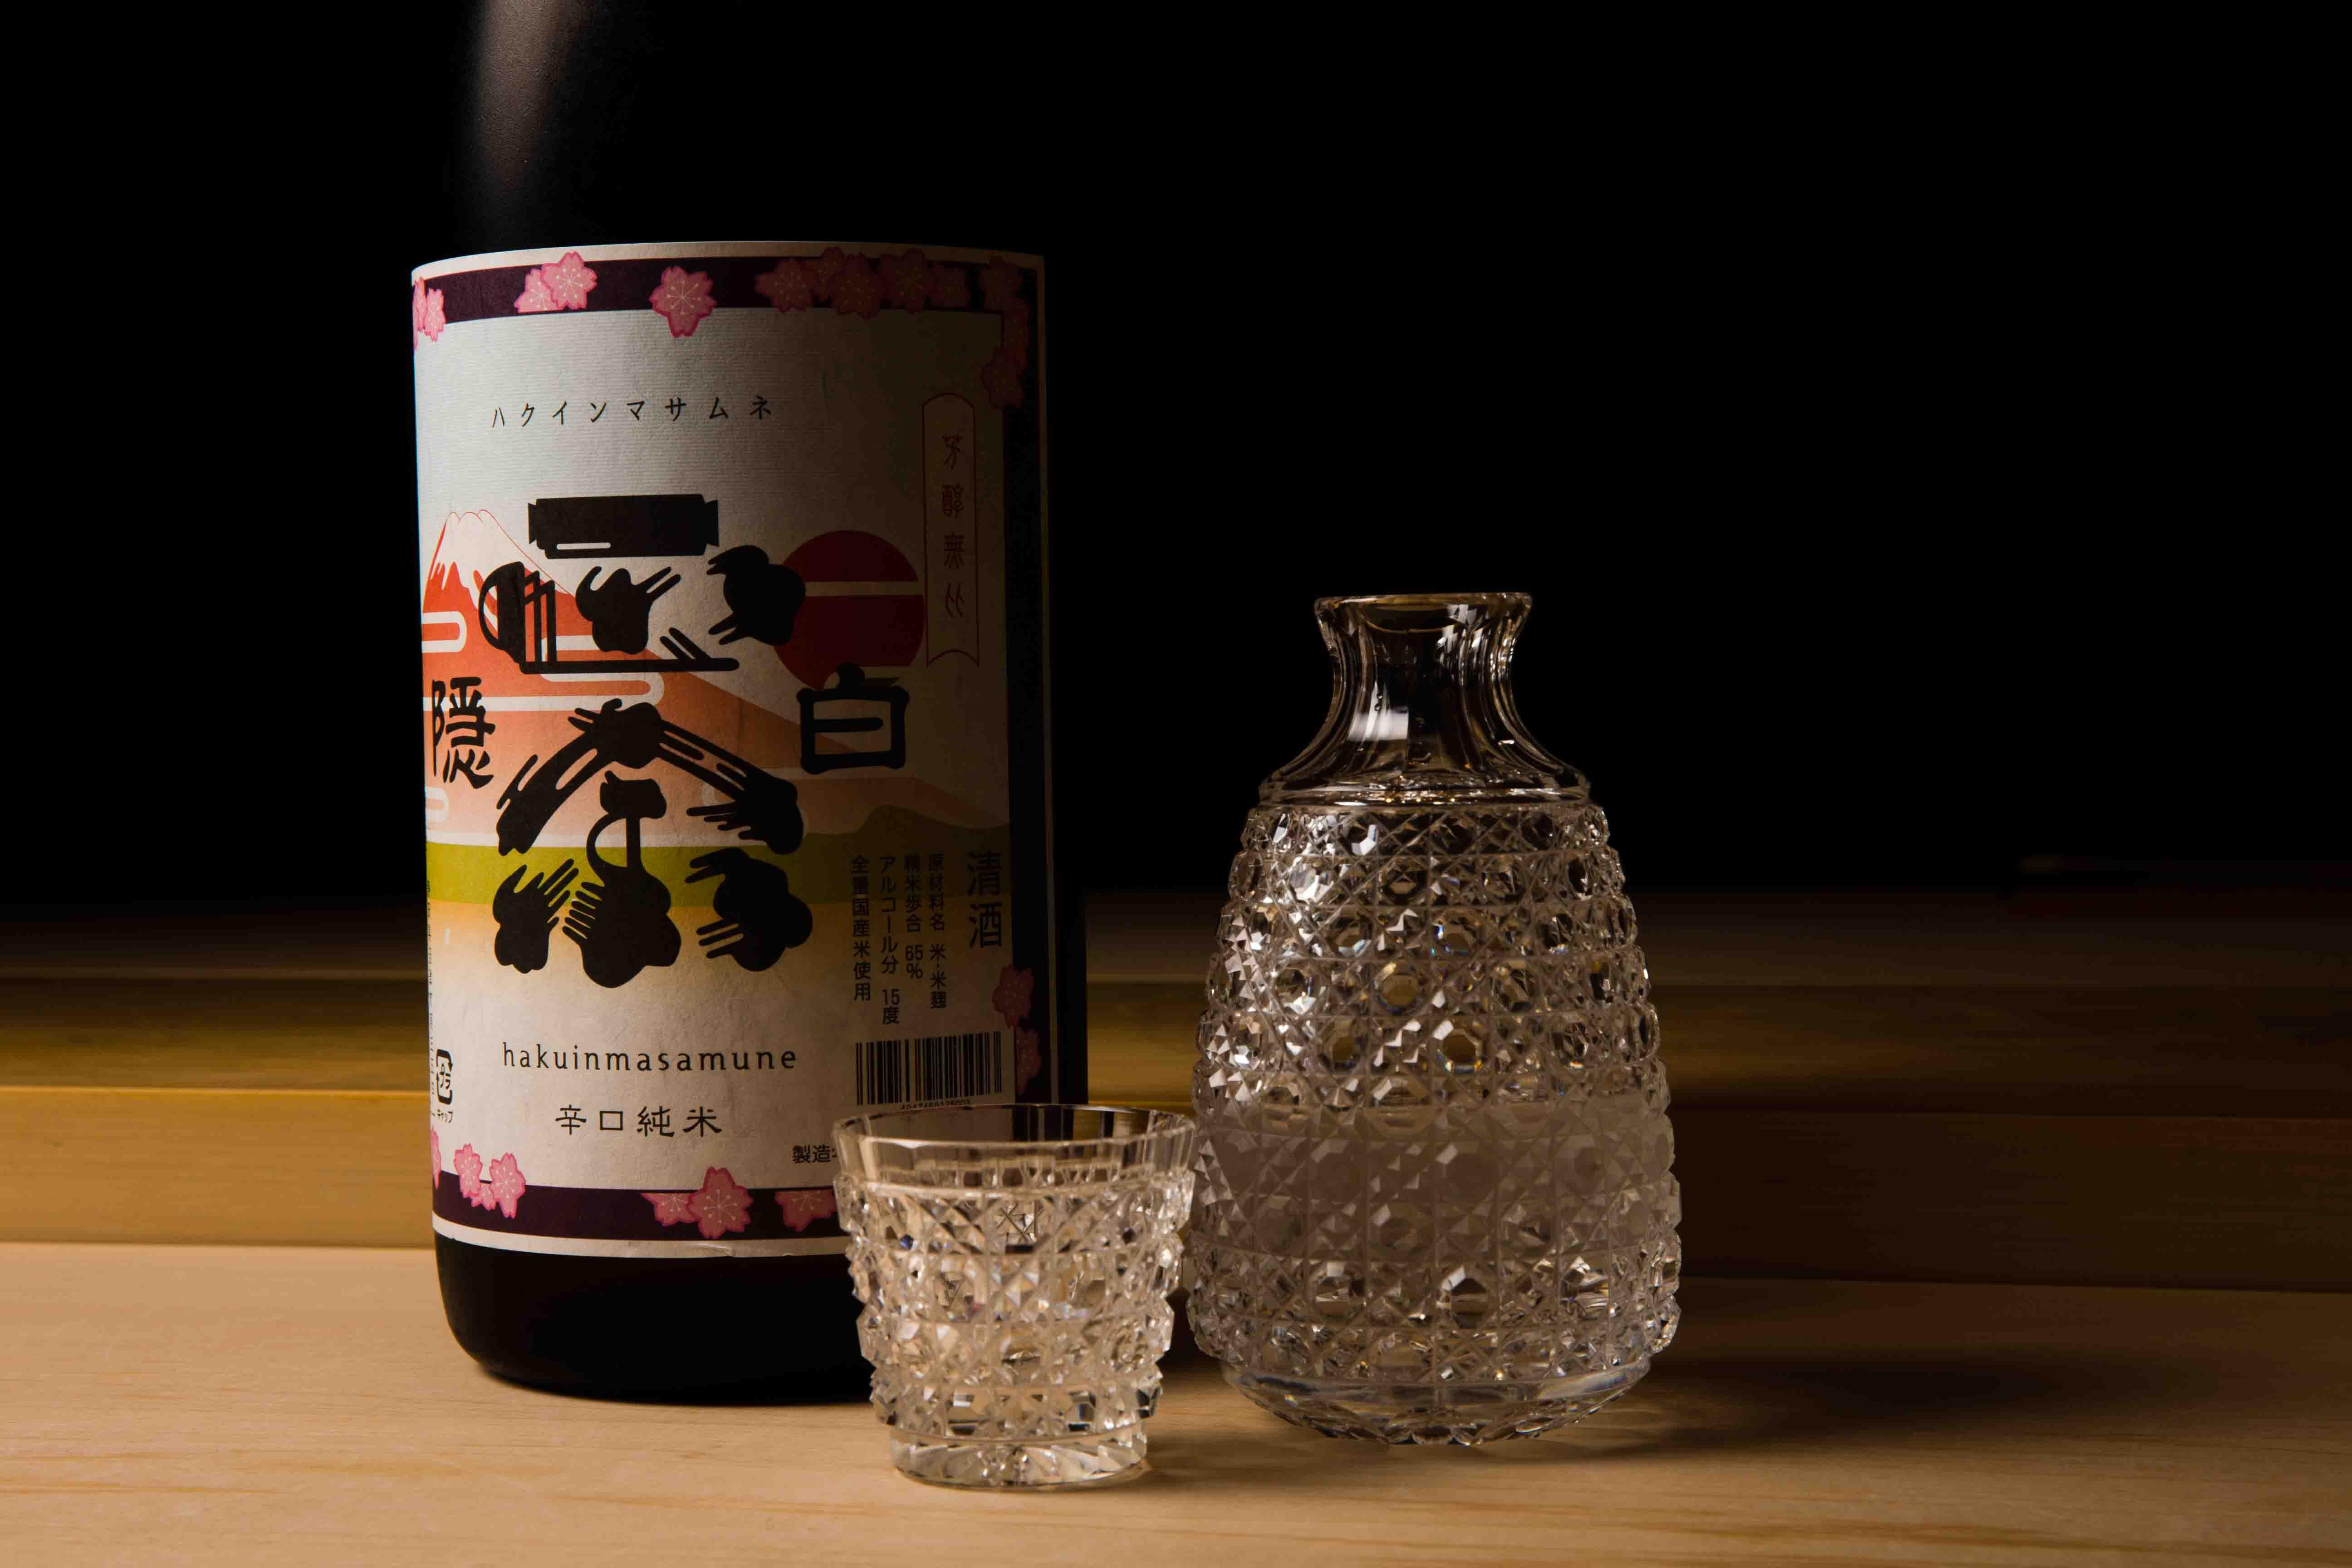 Sushi Ikko item #0